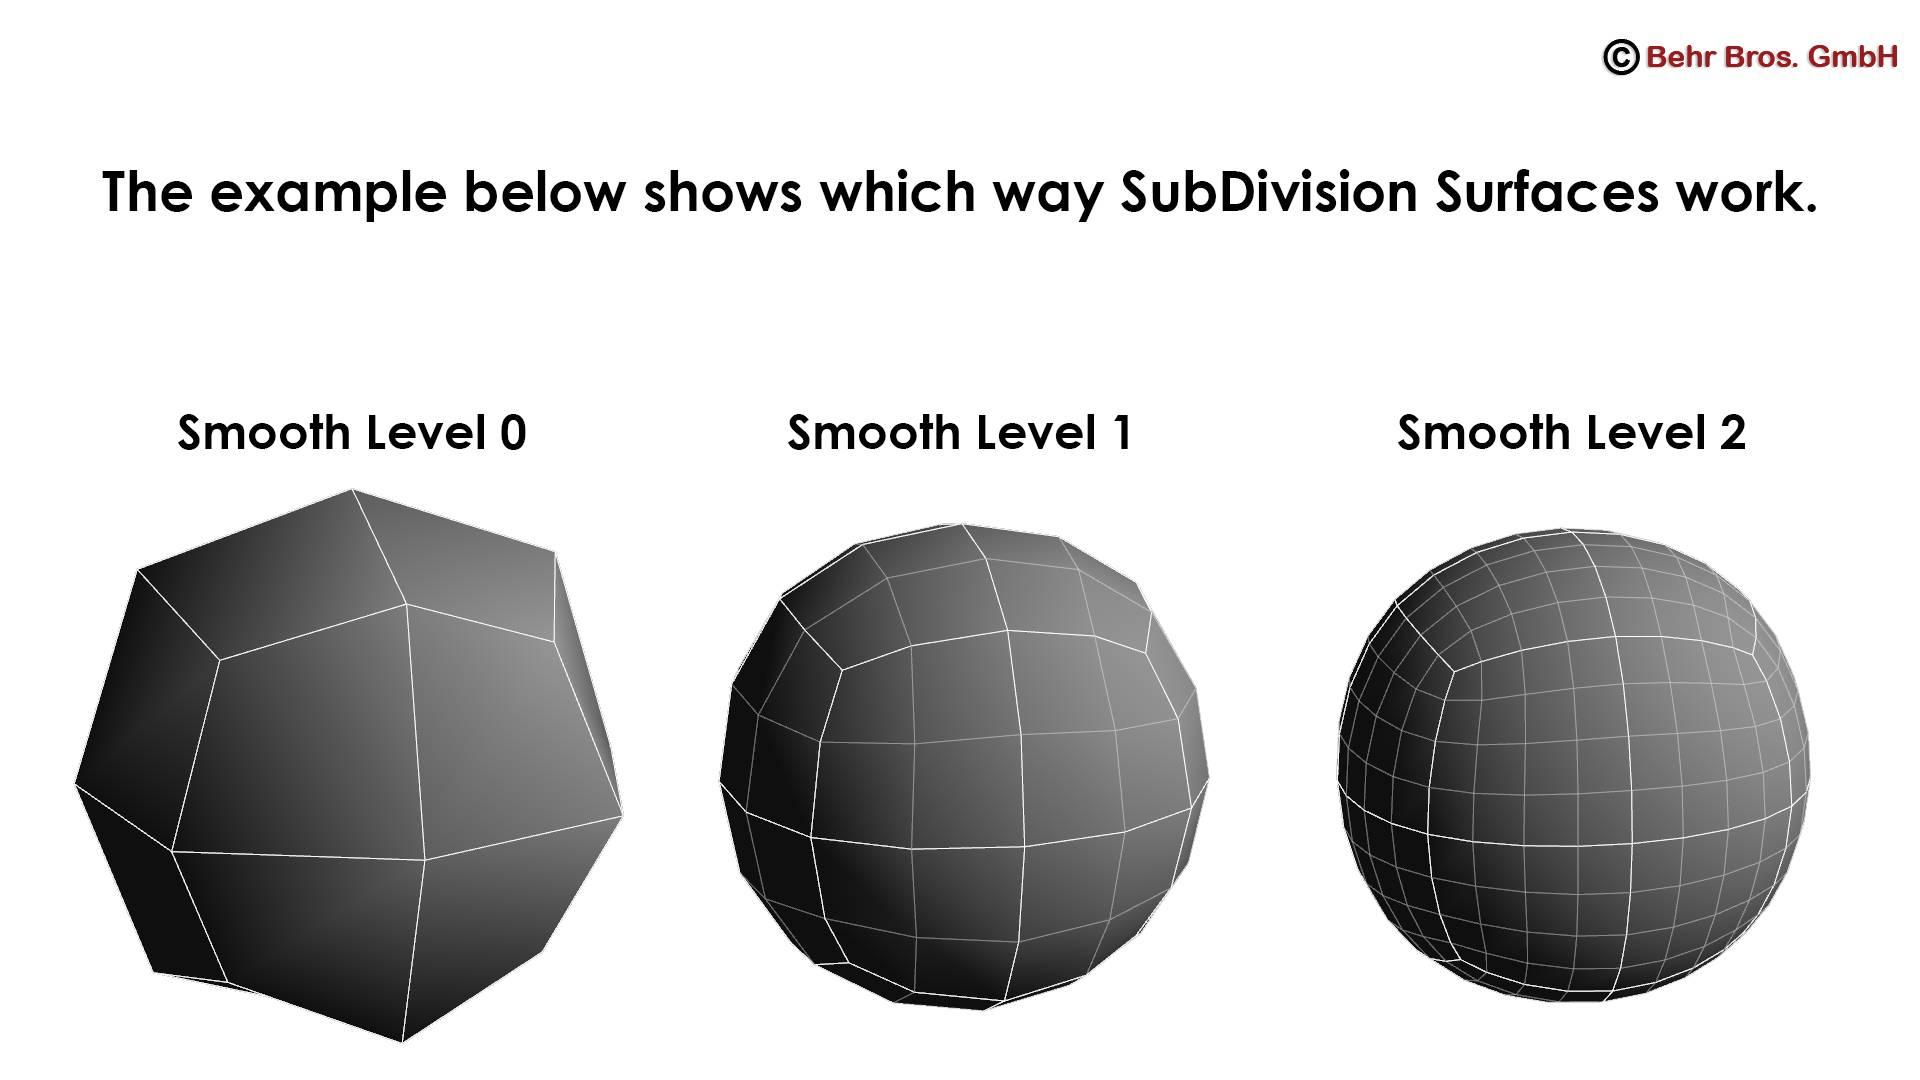 citroen ds 23 pallas 3d model 3ds max fbx c4d lwo ma mb obj 268028